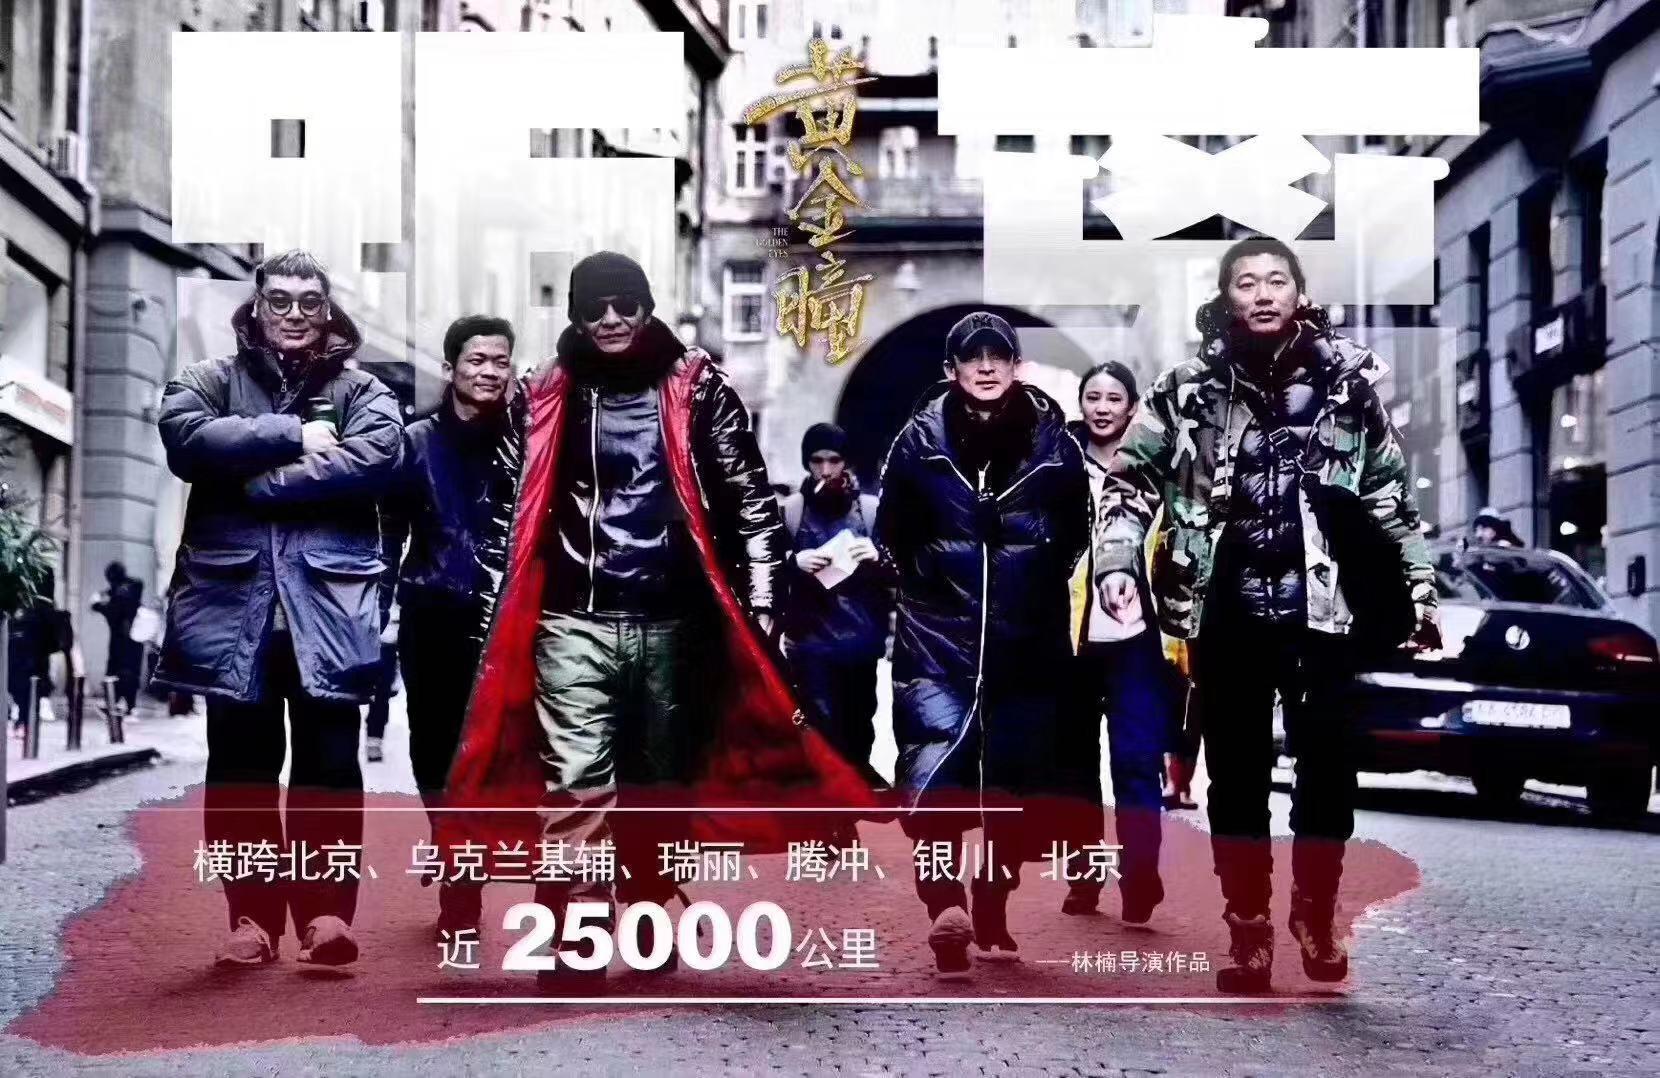 《黄金瞳》获首尔国际电视节奖项 中国故事讲传统文化